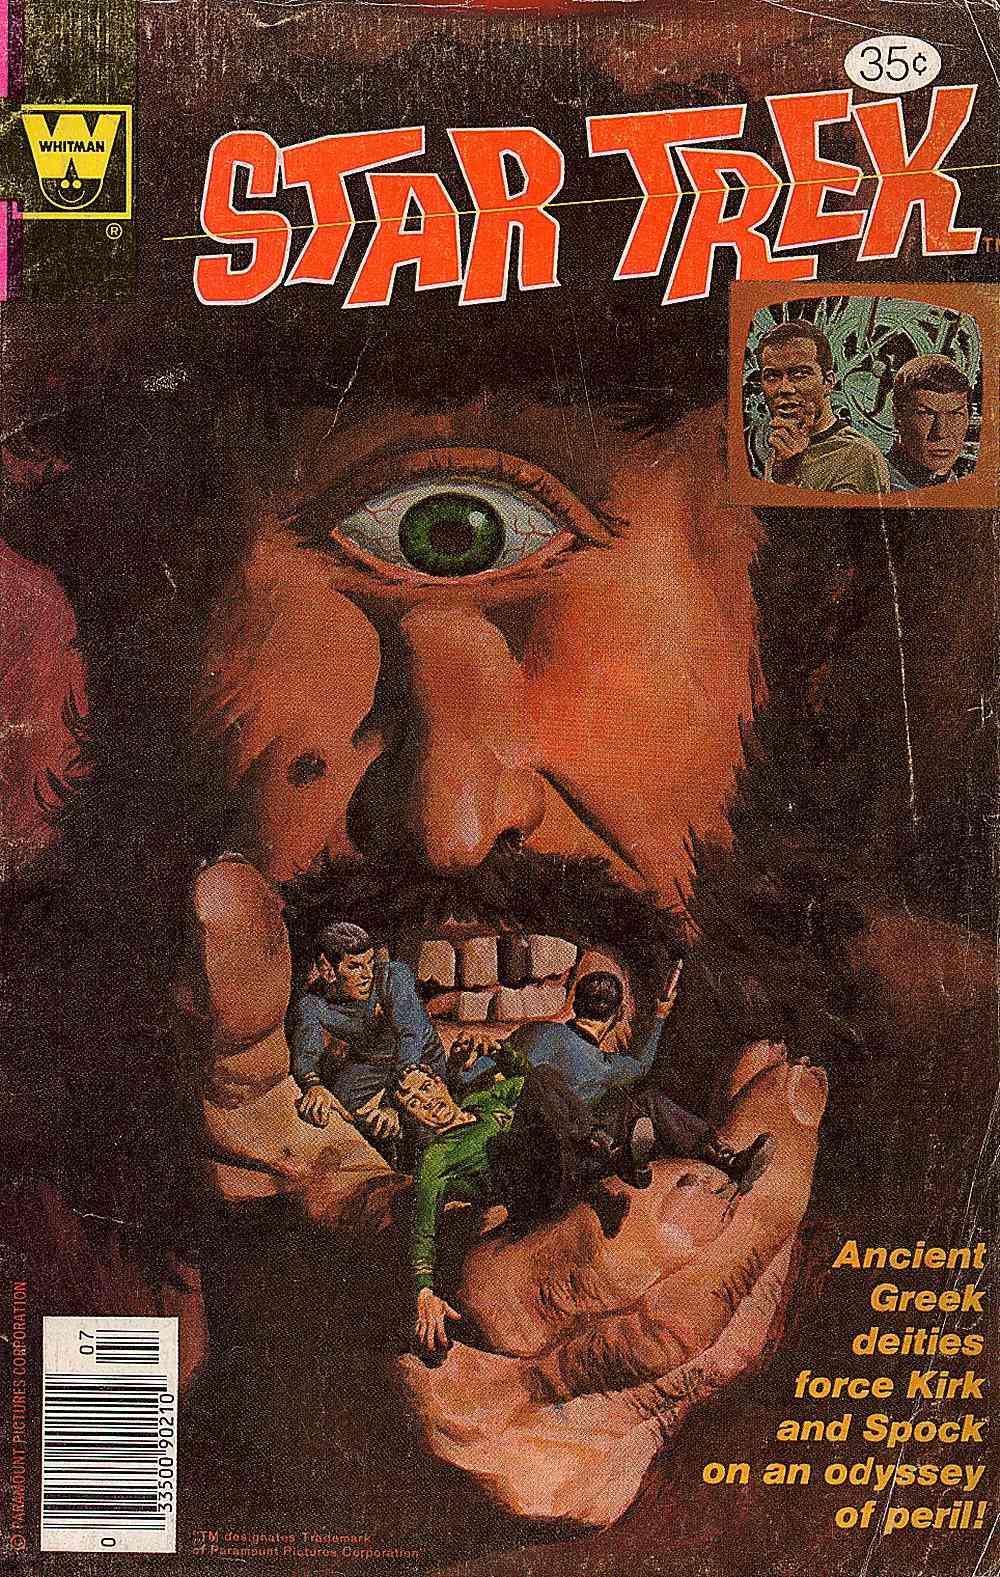 Star Trek (1967) issue 53 - Page 1